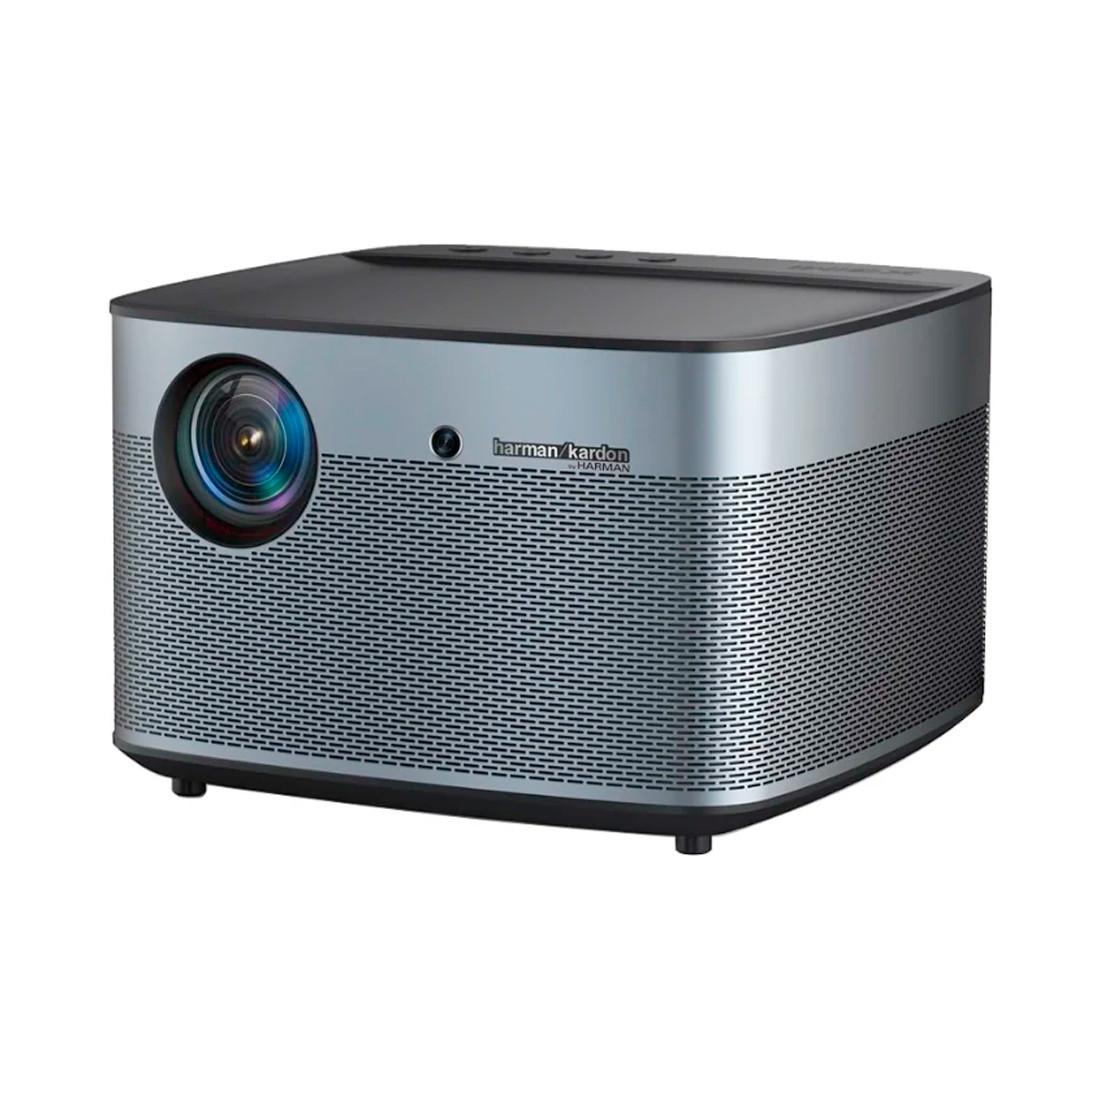 Проектор домашний XGIMI H2  1920x1080 (FullHD  4К)  1350 ANSI люмен  3D  16GB